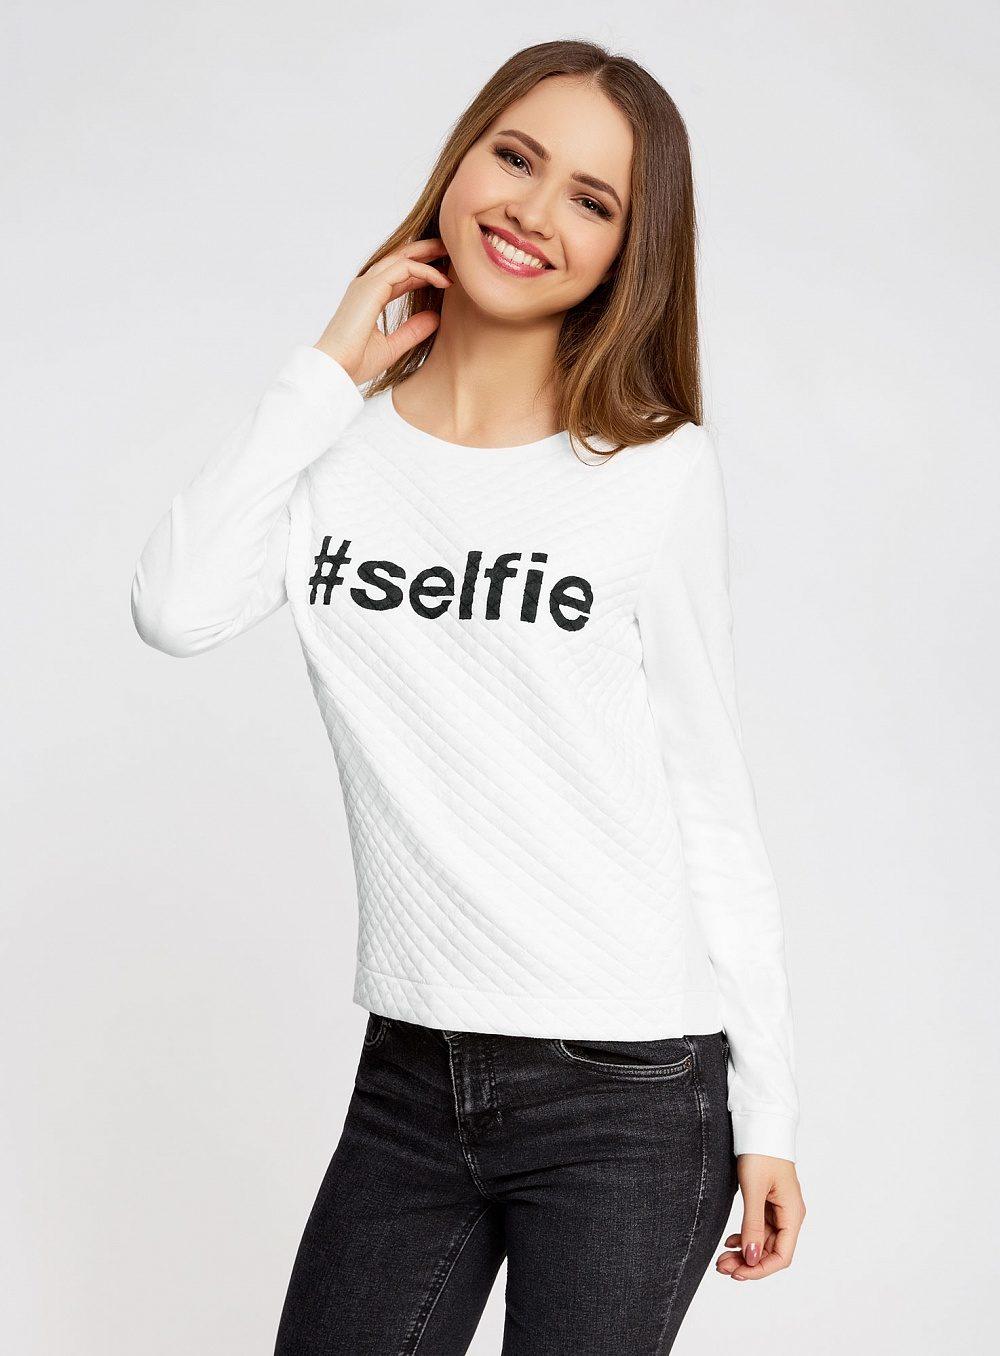 dbc589fe44bab Мы интернет-магазин дешевой одежды с бесплатной доставкой по России!